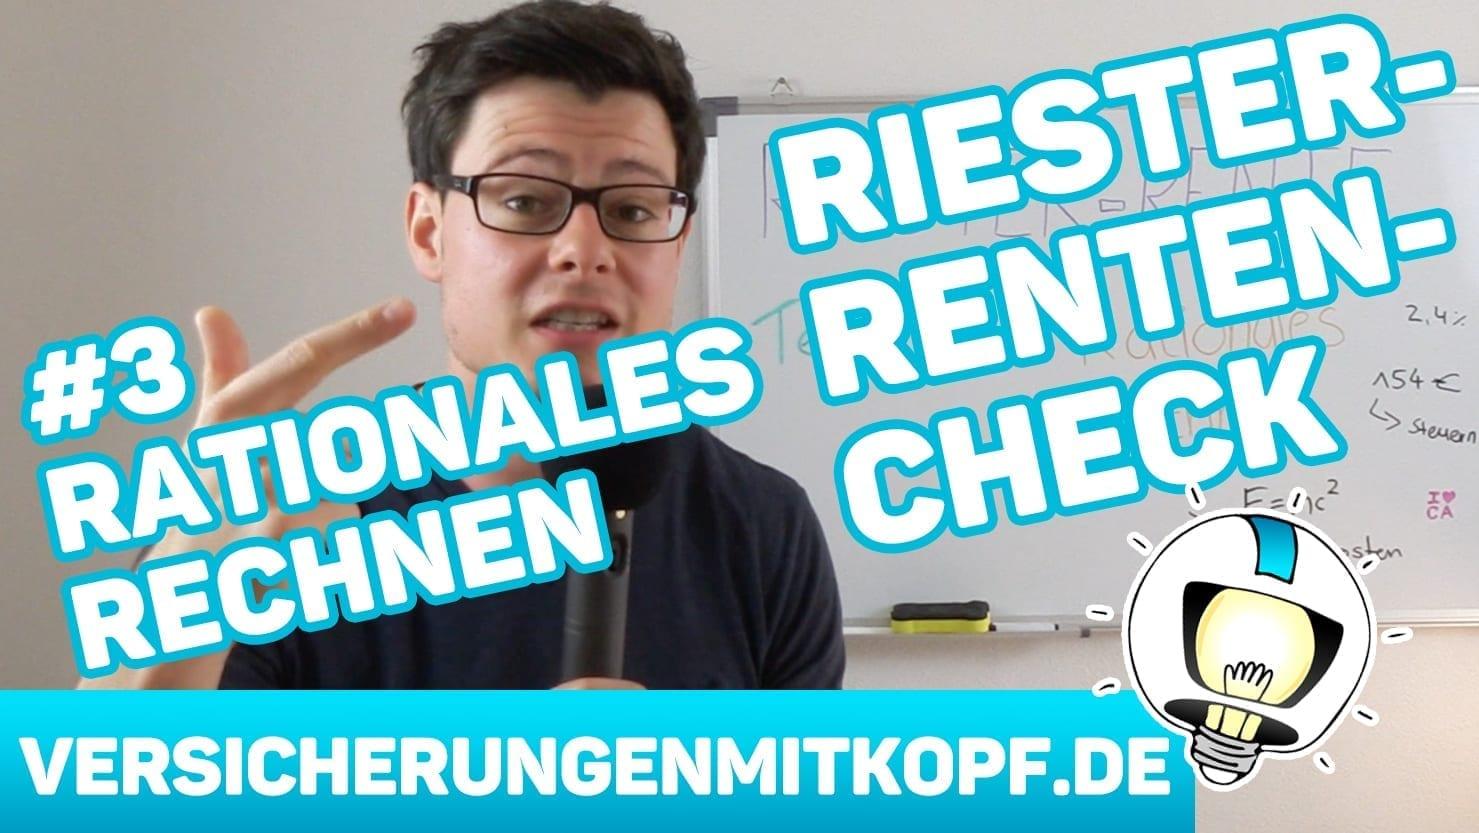 vmk thumbnail RR Teil3 Rechnen - Riester Renten Check Teil 3 – Rationales Rechenbeispiel